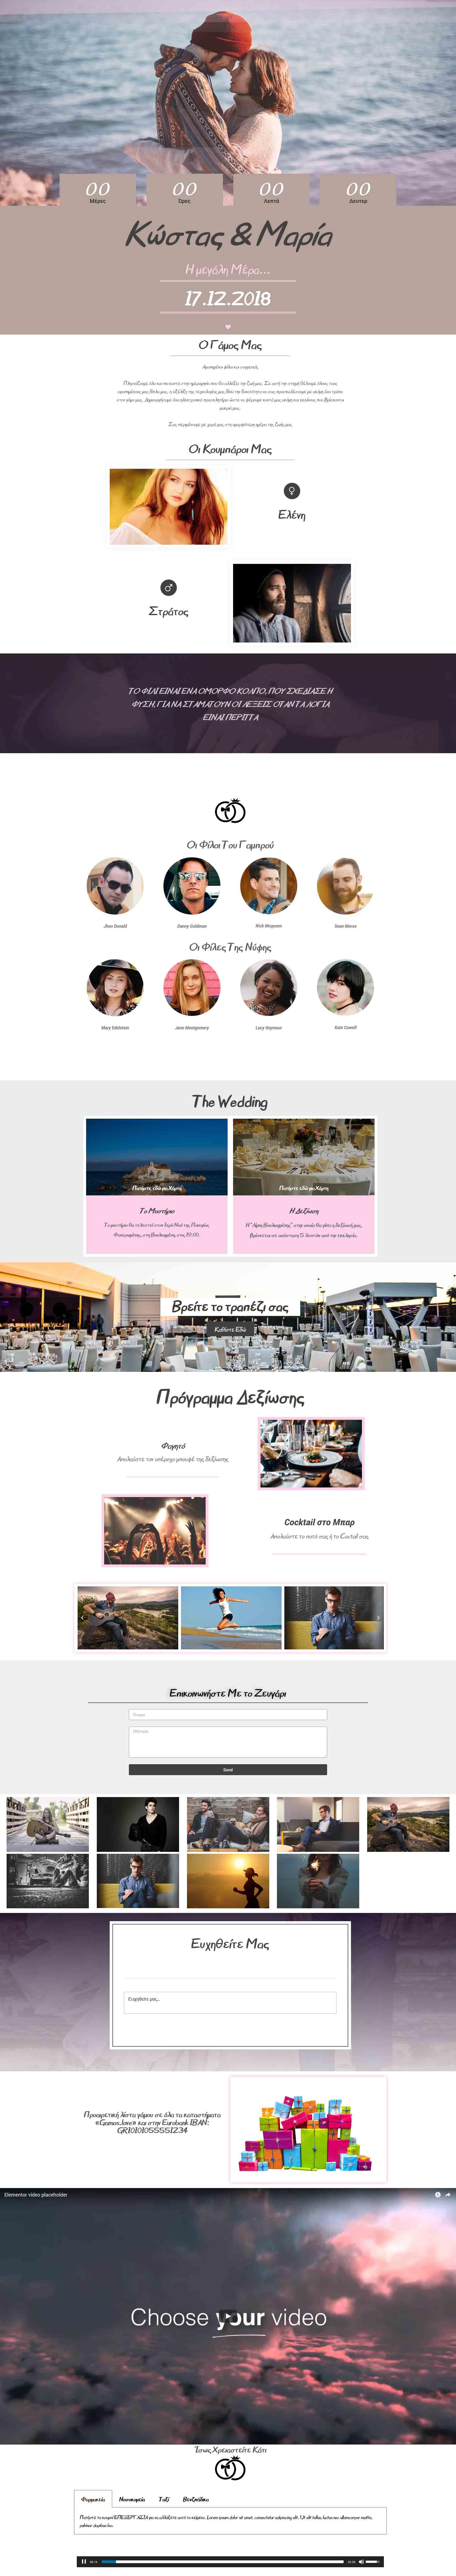 ηλεκτρονικά προσκλητήρια γάμου Θεσσαλονίκη